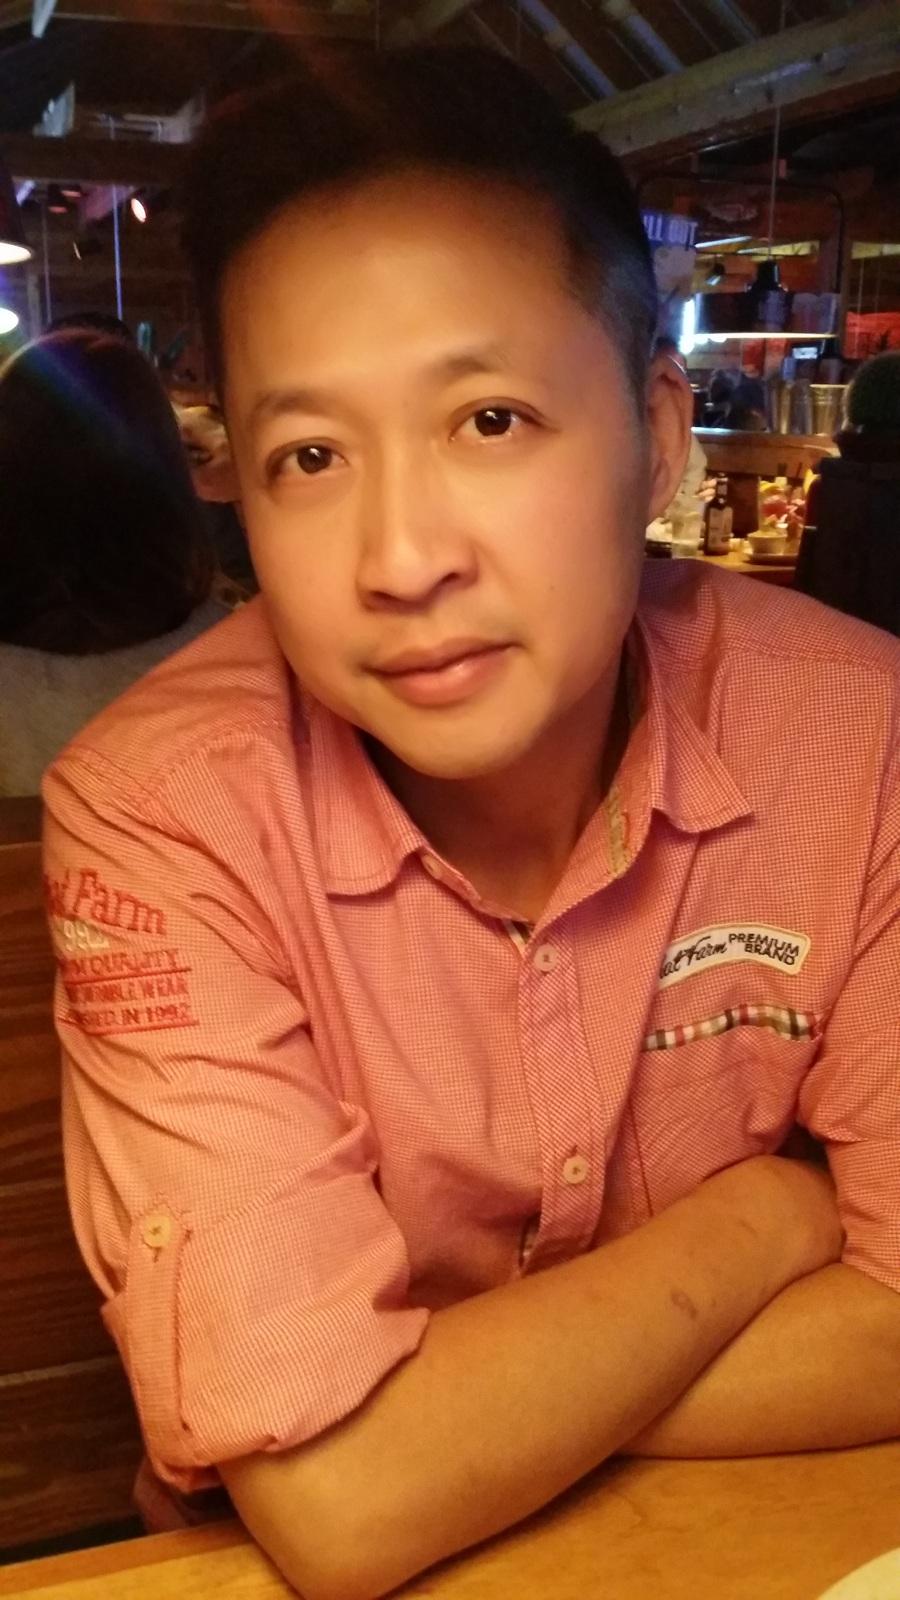 Paul - Owner